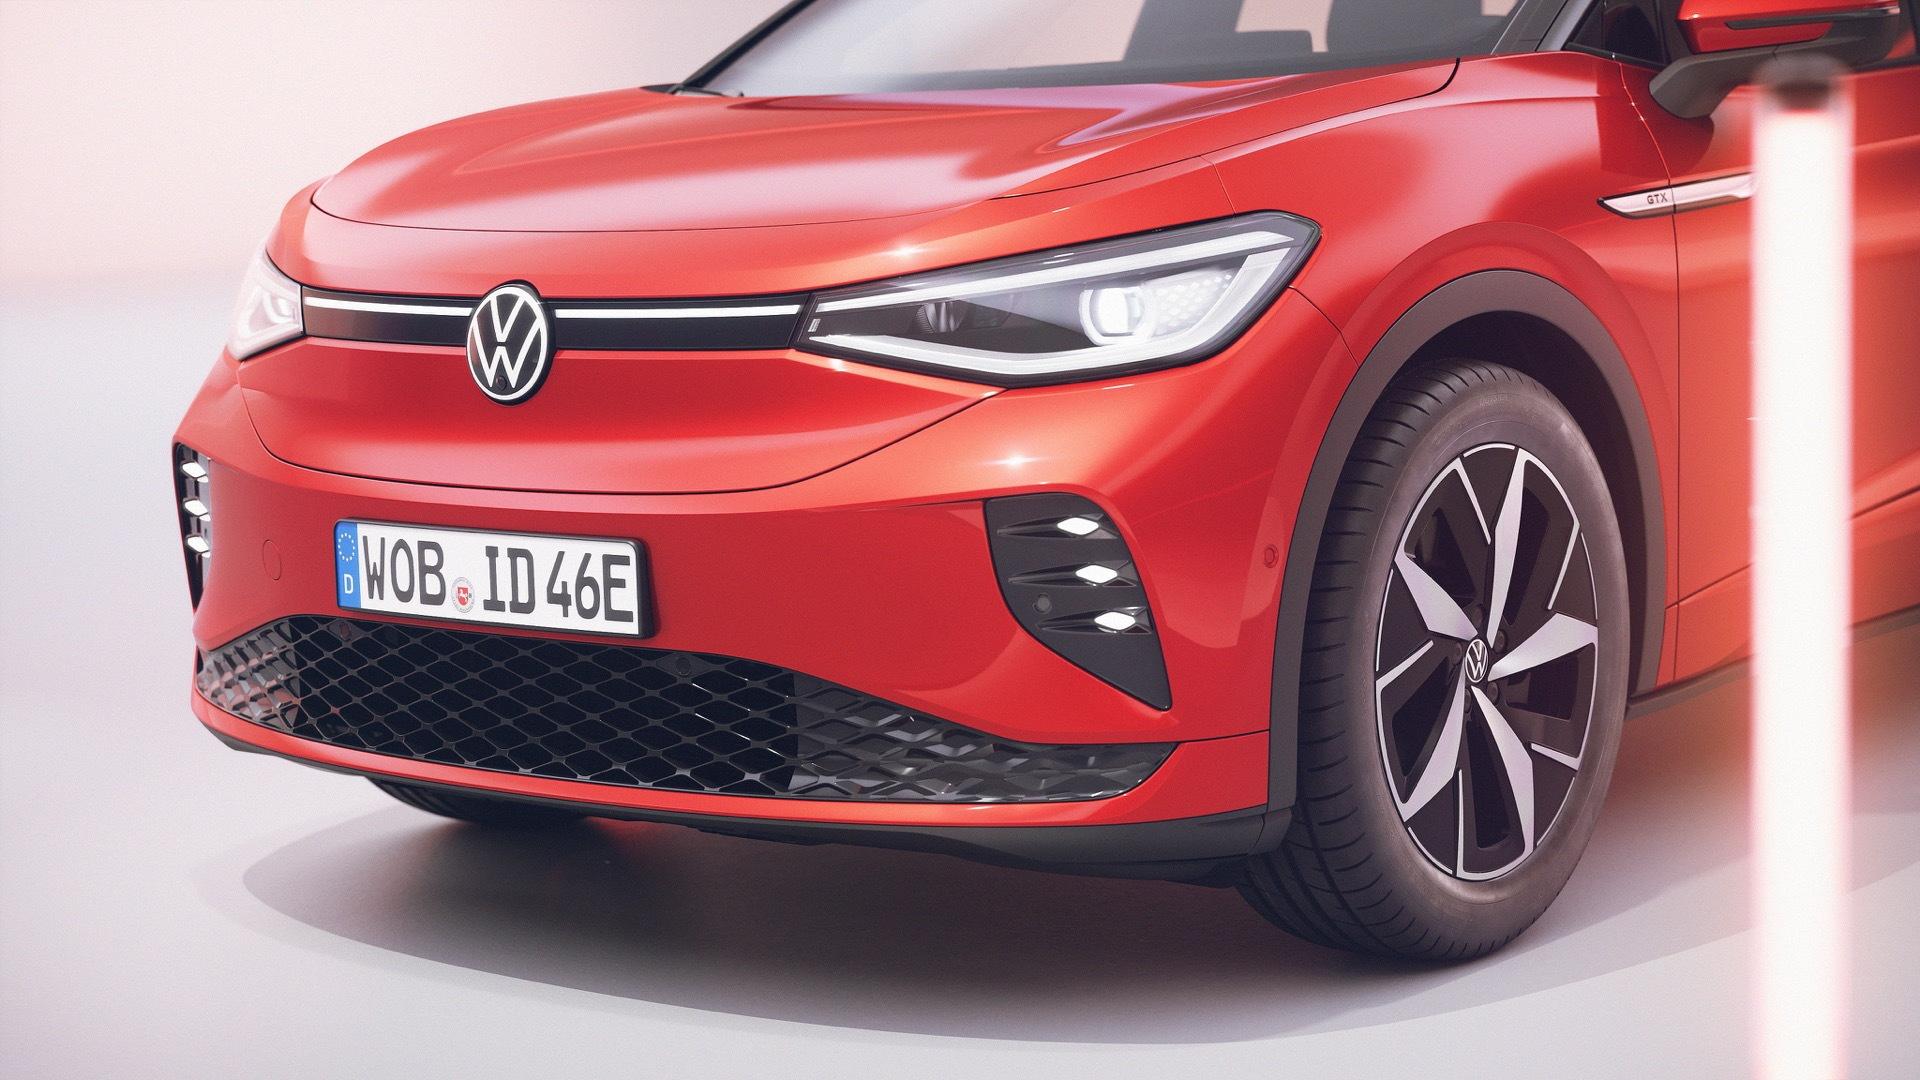 Volkswagen ID.4 GTX (Euro spec)